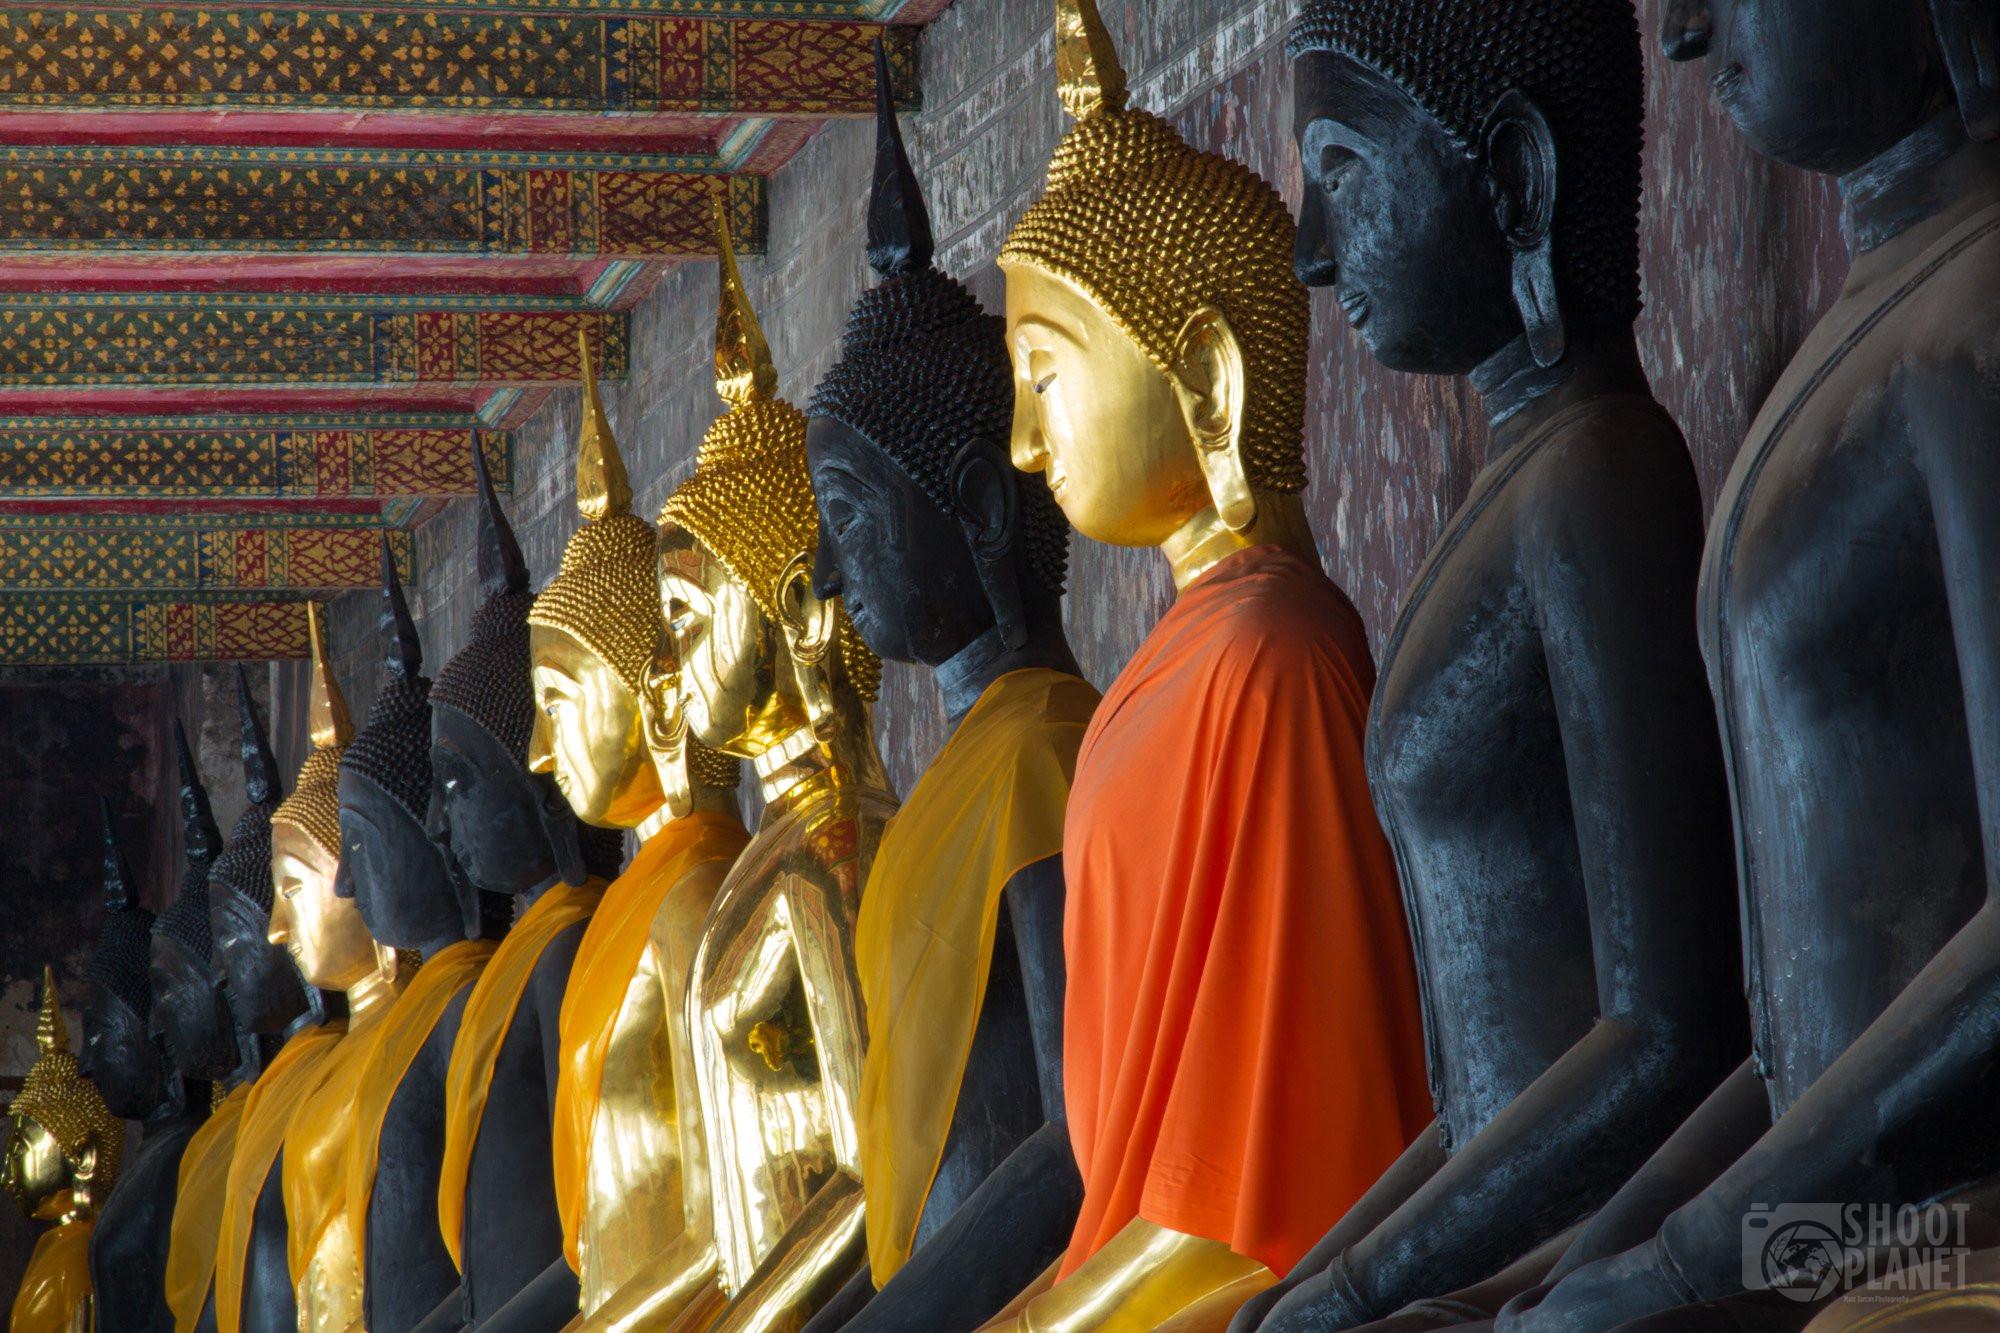 Colorful, robed Buddhas, Wat Pho, Bangkok Thailand